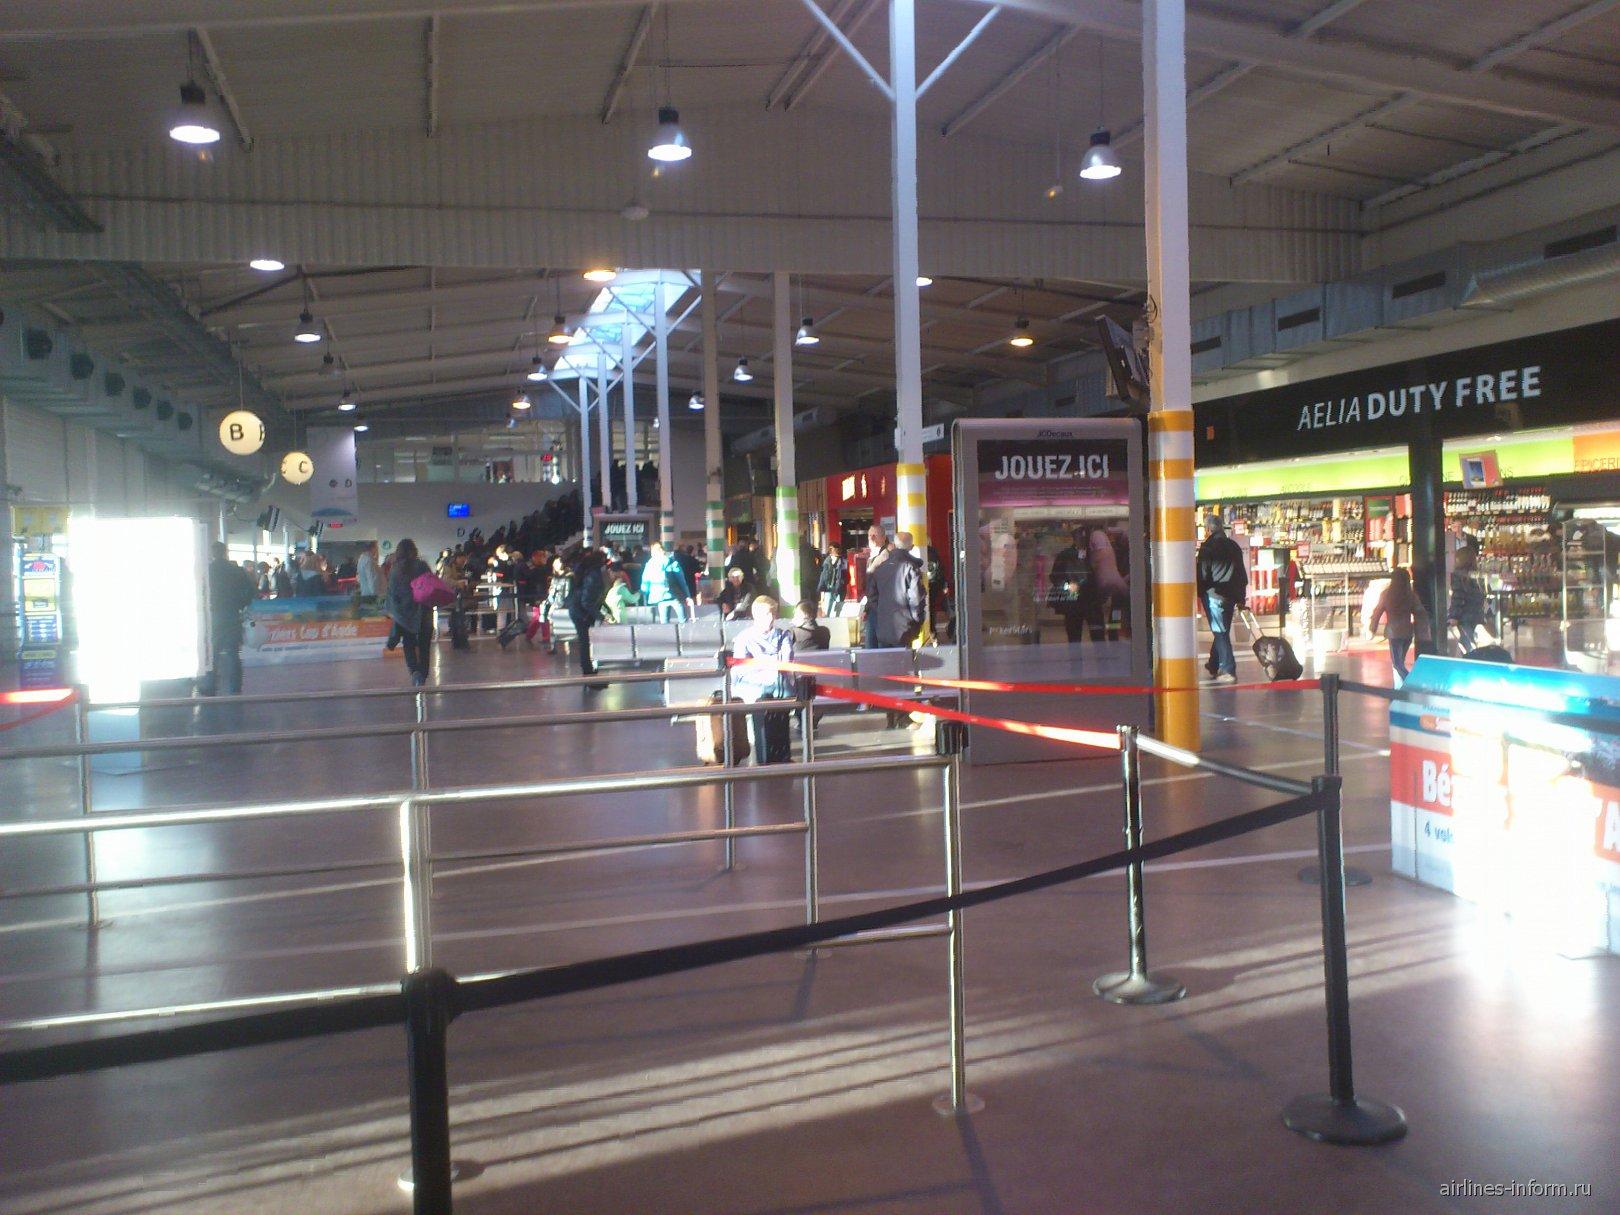 В аэропорту Париж Бове